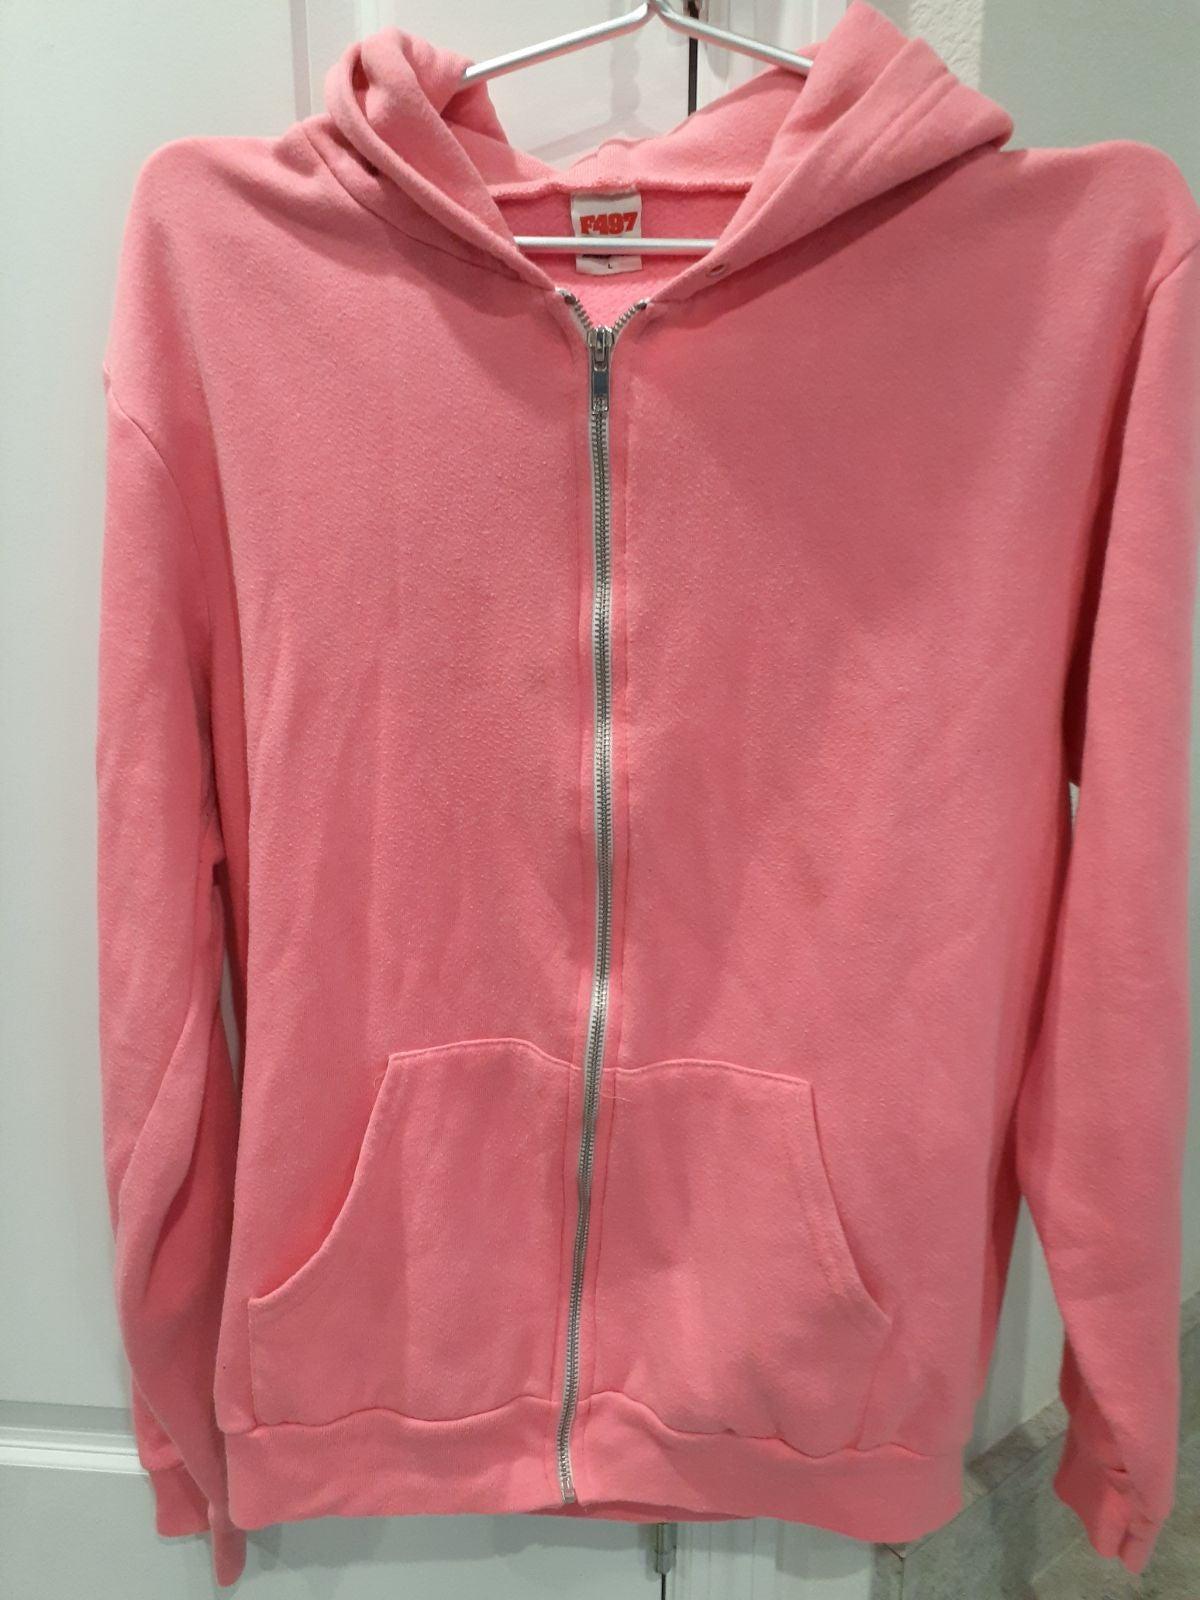 American Apparel F497 Pink Zip Up Hoodie